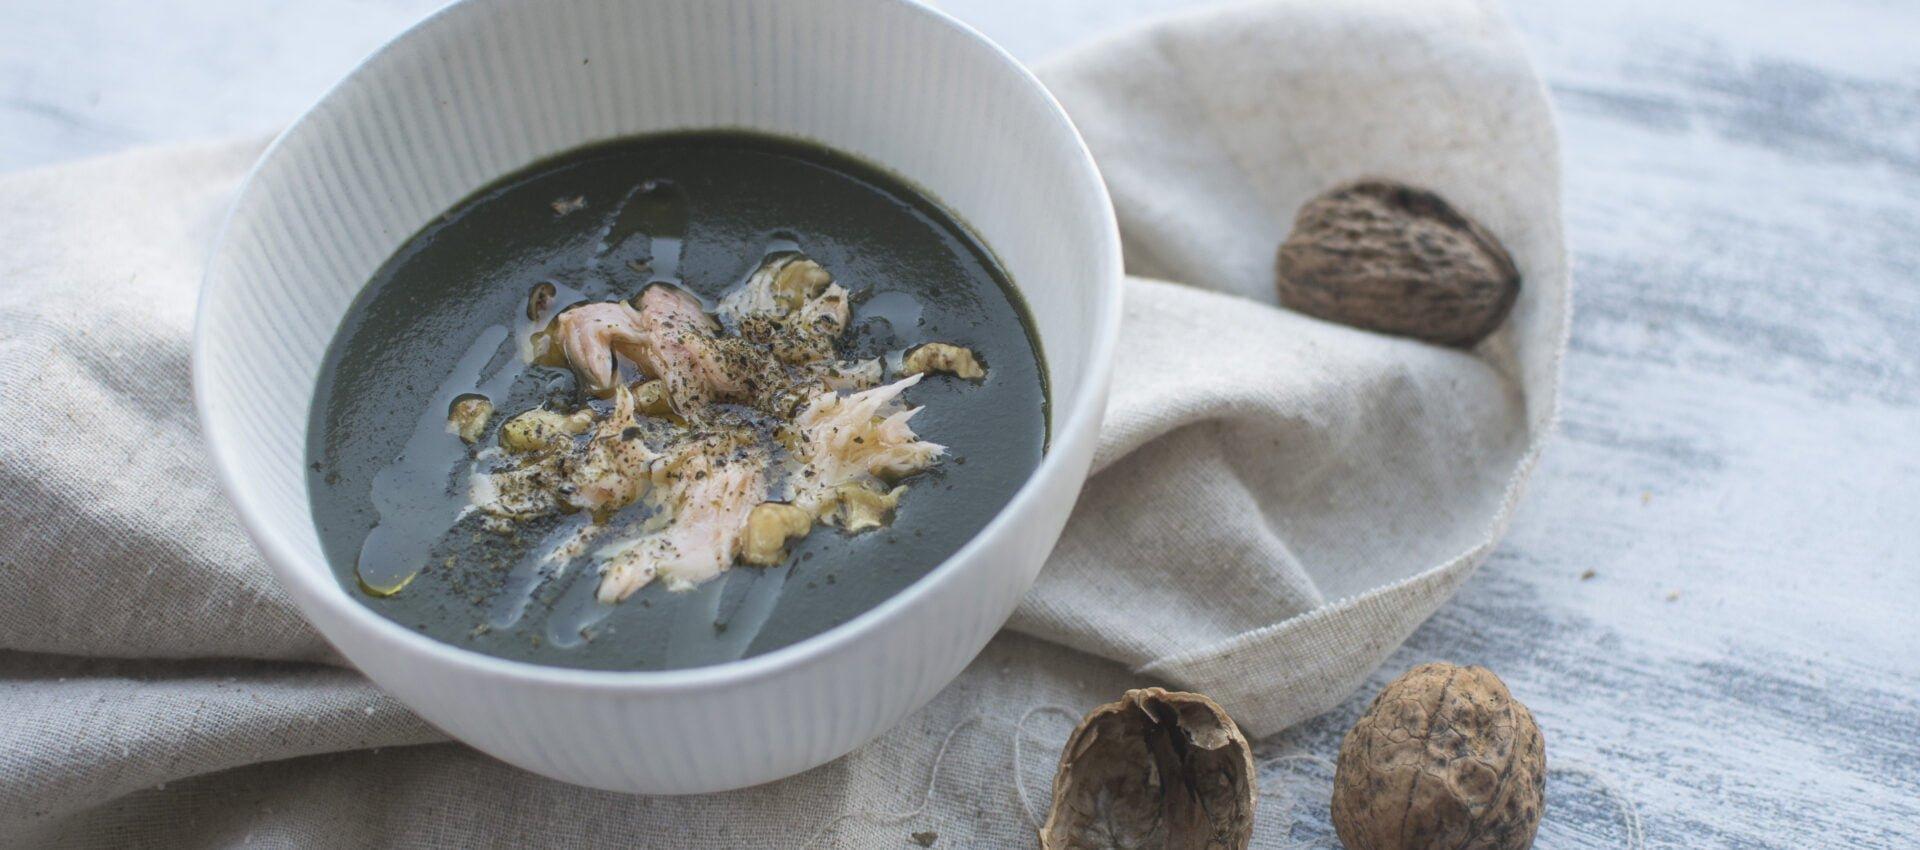 Creamy potato, kale and smoked trout soup